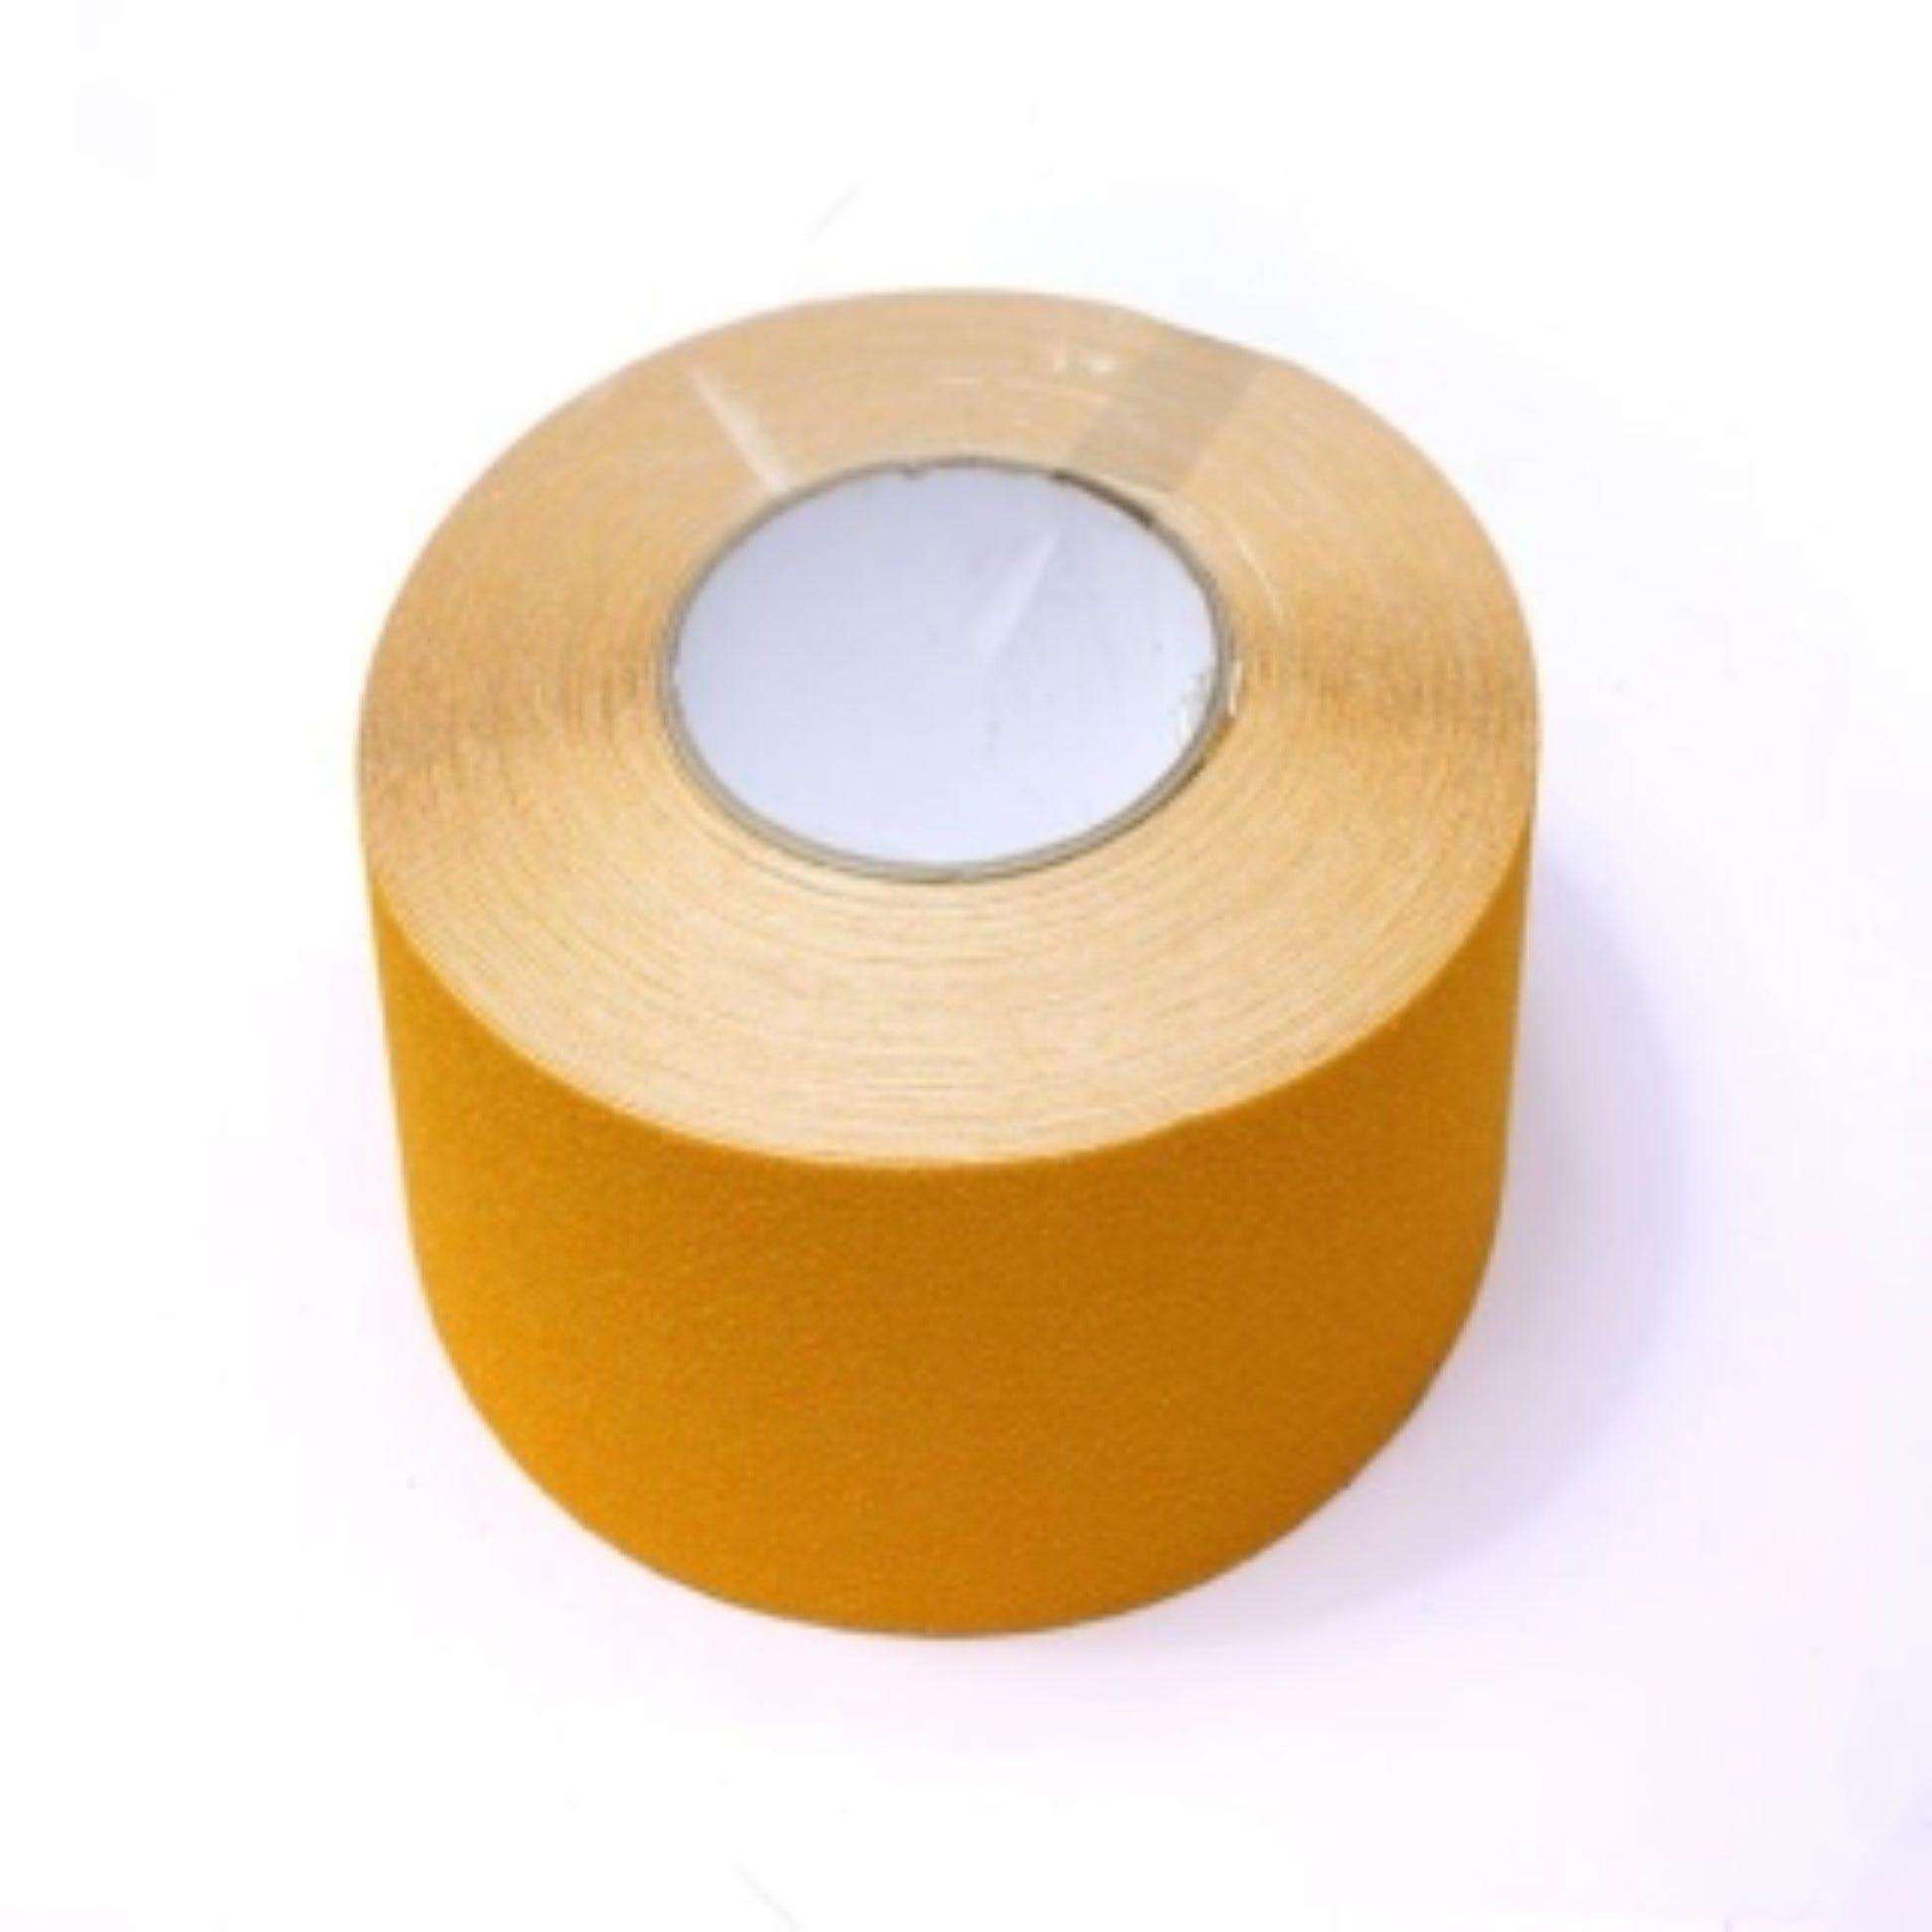 Nez de marche en rouleau adhésif coloris jaune - rouleau de 10 m